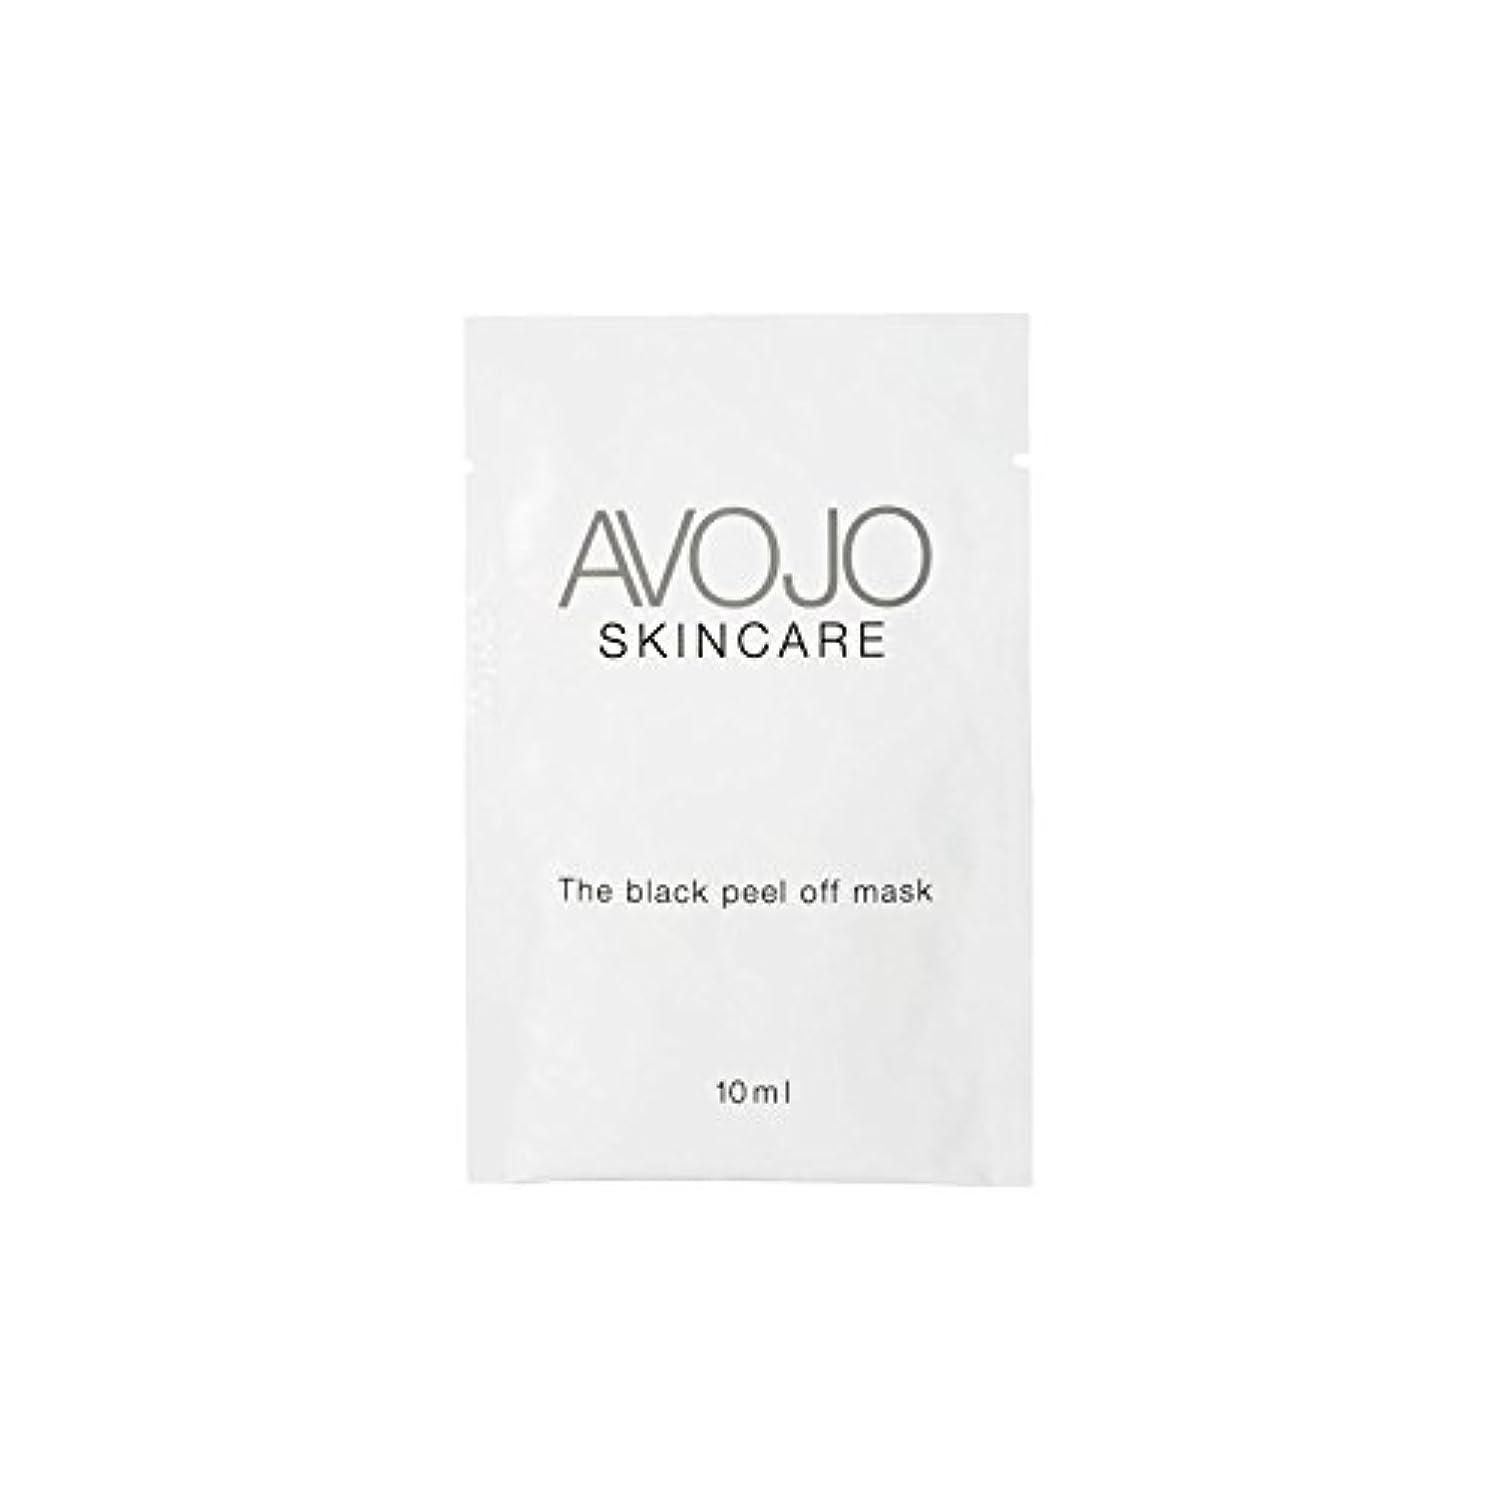 最後のカップル札入れ- ブラックピールオフマスク - 小袋(10ミリリットル×4) x2 - Avojo - The Black Peel Off Mask - Sachet (10ml X 4) (Pack of 2) [並行輸入品]